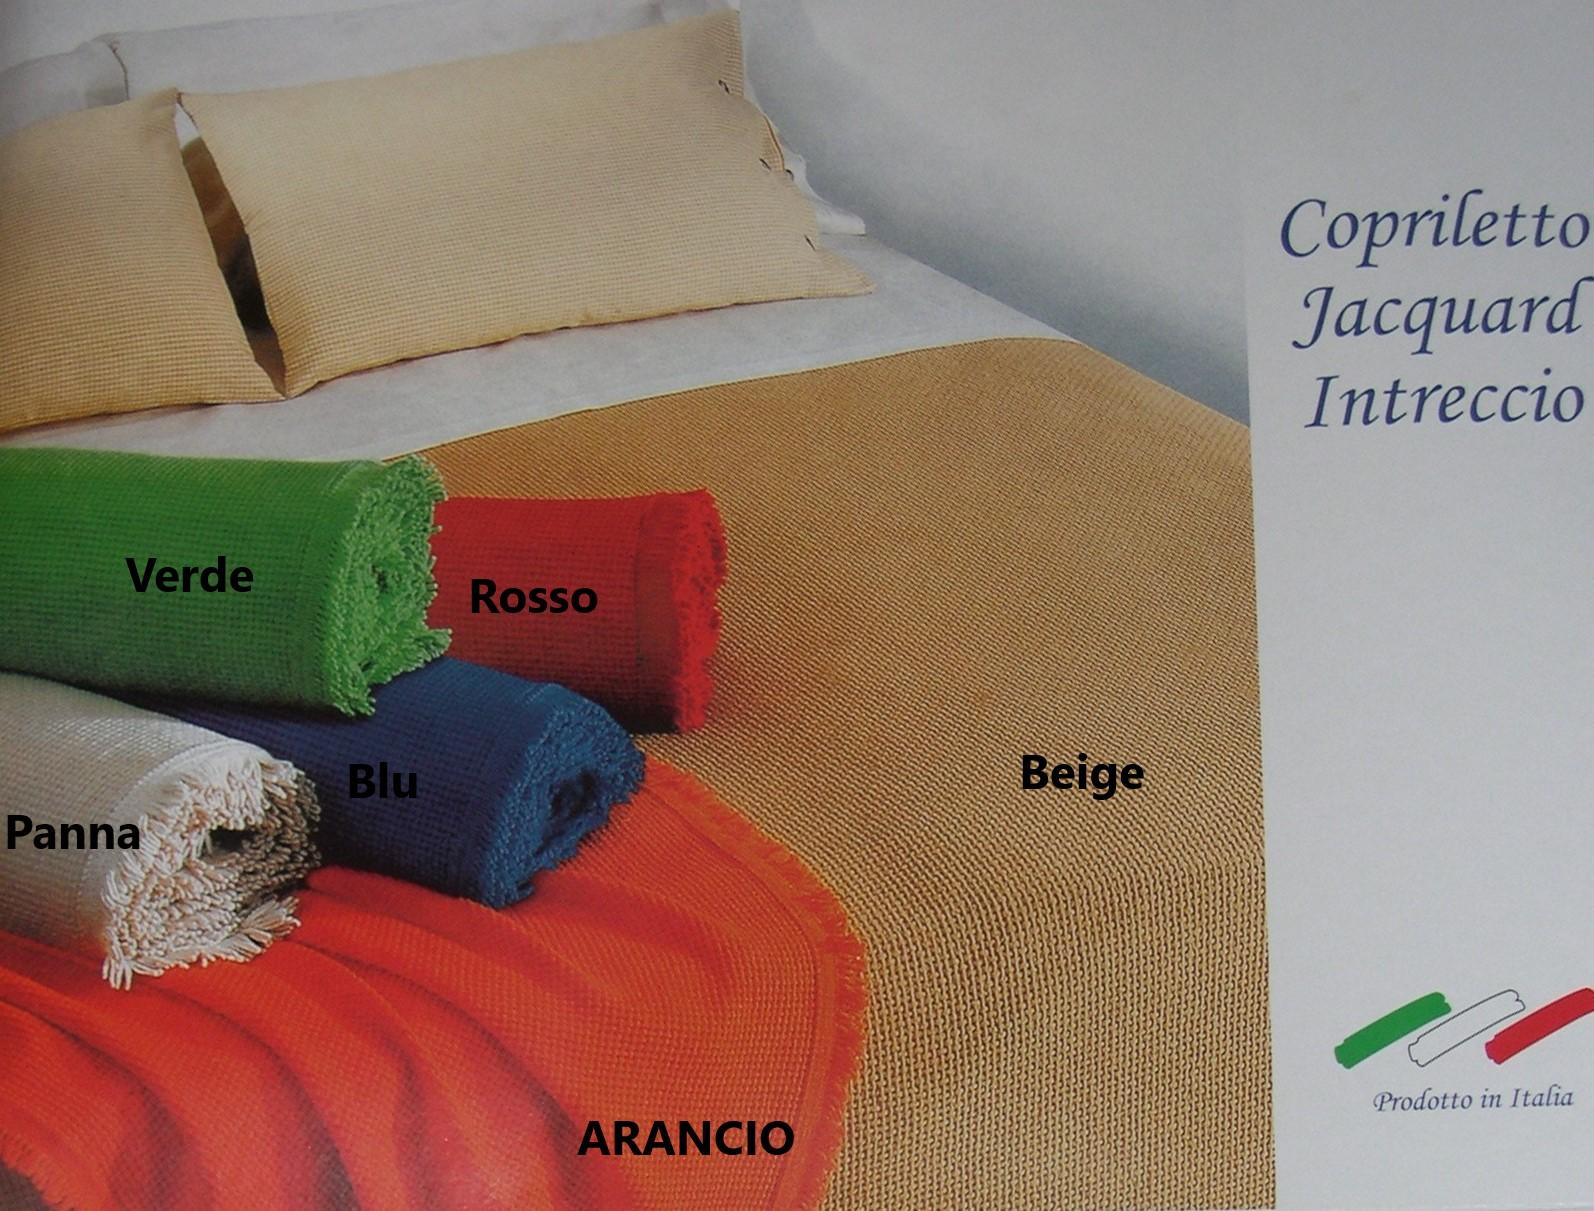 Copriletto Jacquard Intreccio